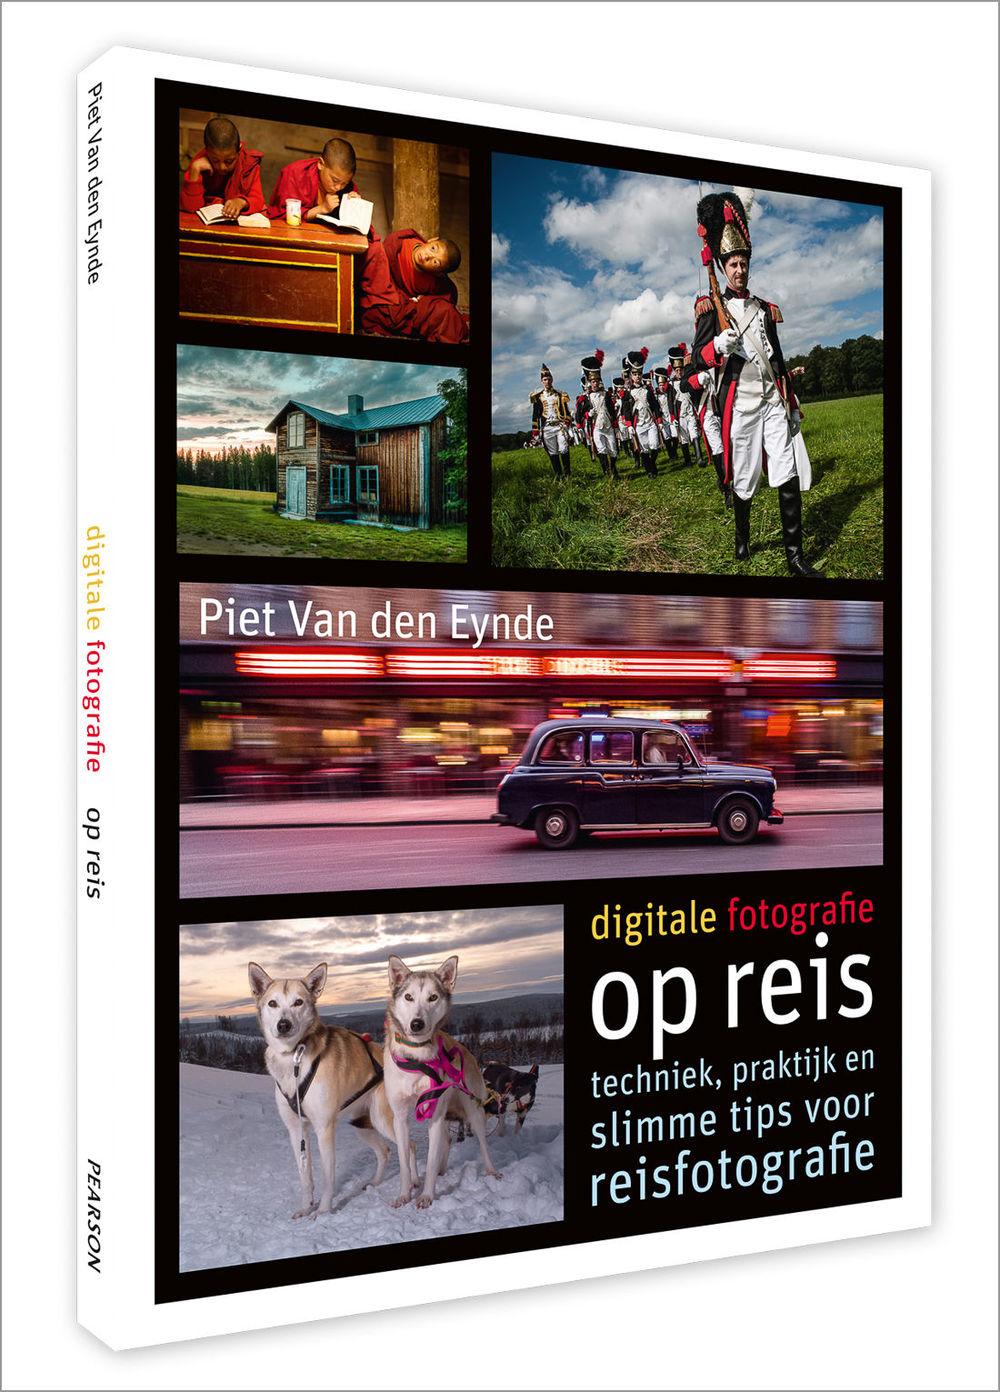 OpReis_1100_001-2.jpg